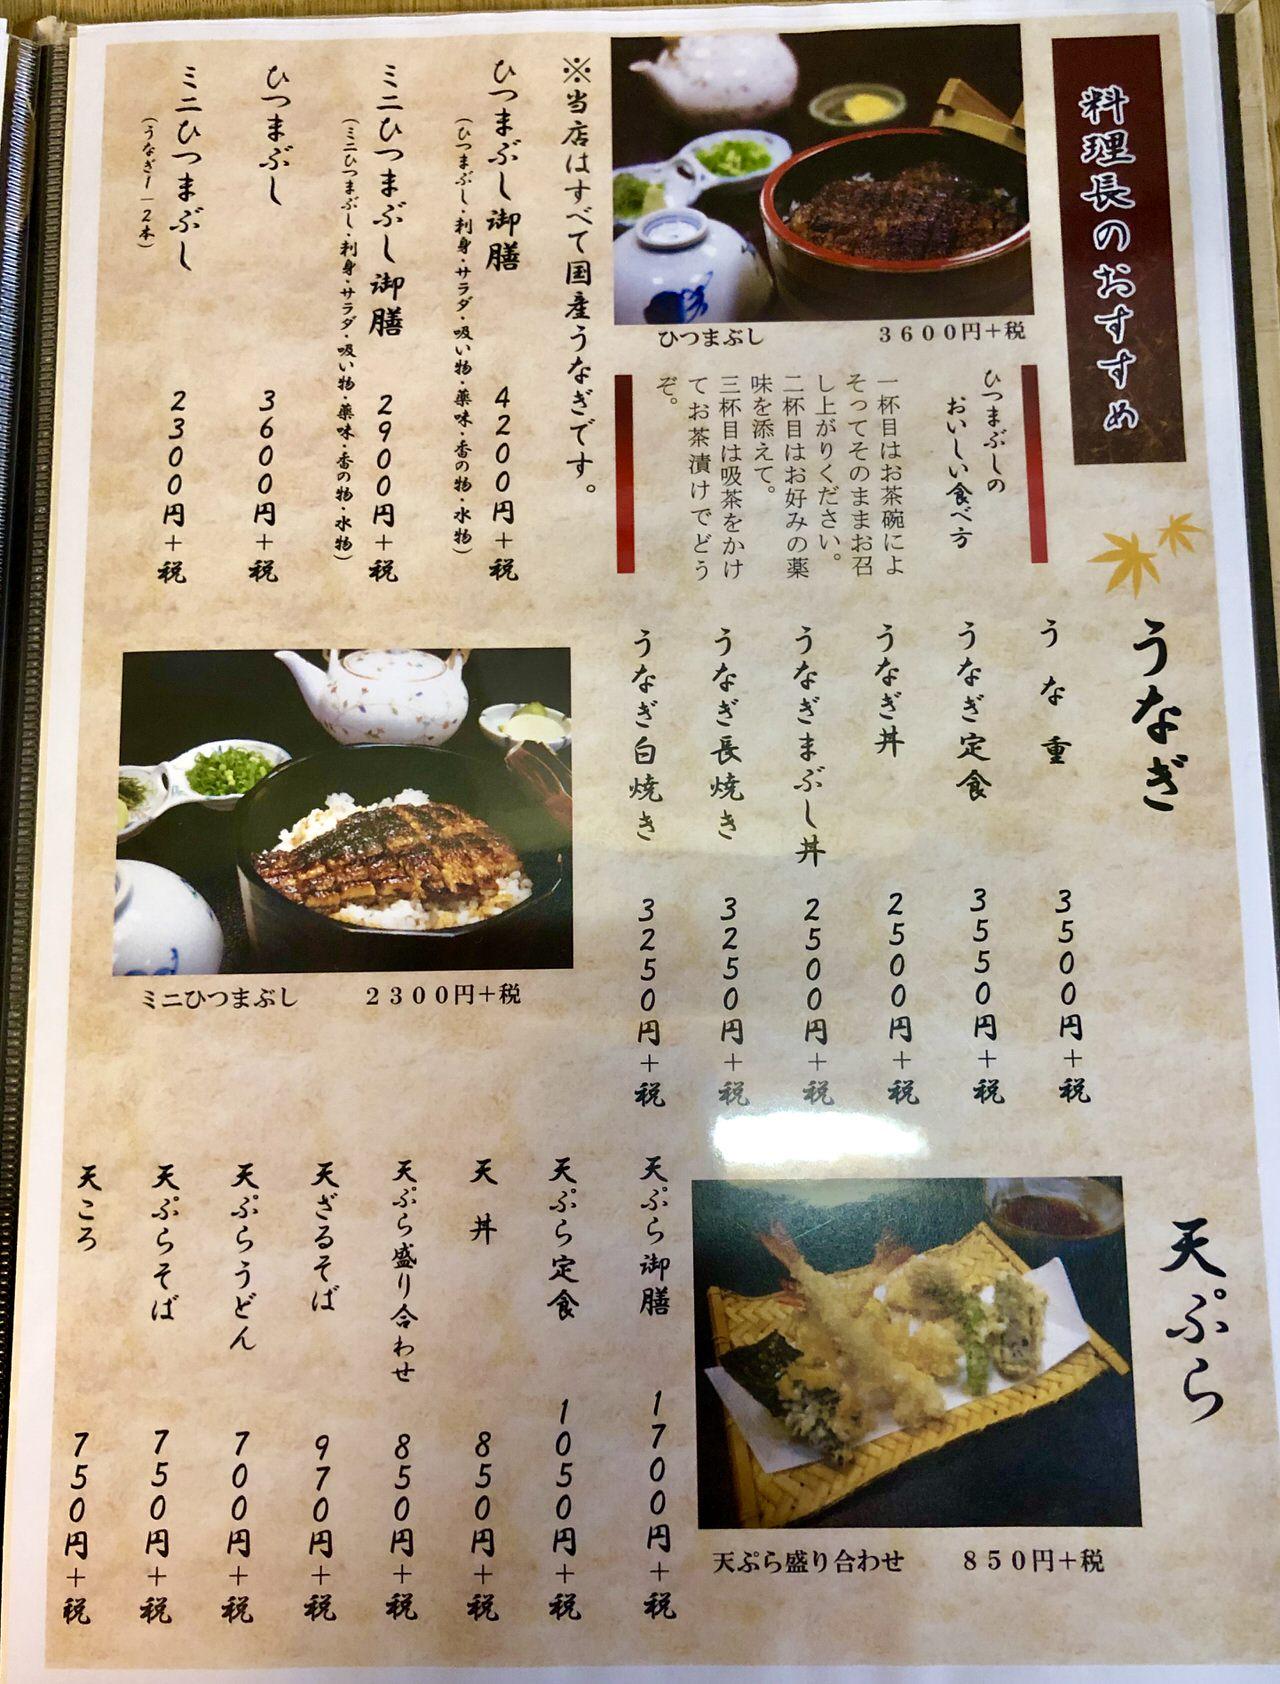 岩村駅前の食事処、和風レストランかわいのうなぎ、天ぷらメニュー表